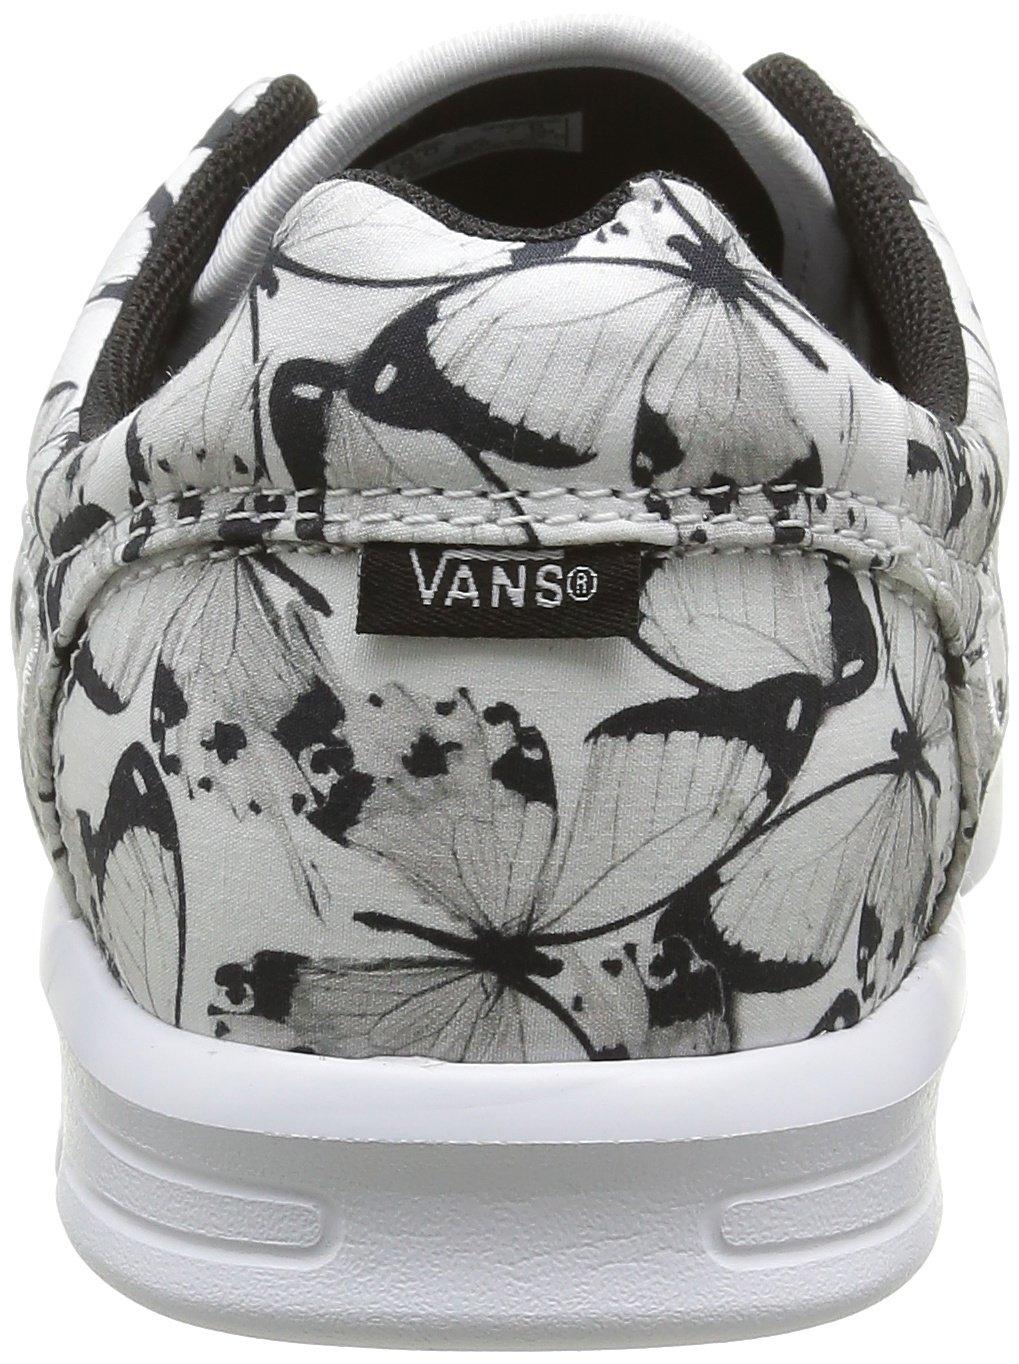 Vans Unisex-Erwachsene (Butterfly Iso 1.5 Niedrig-Top Weiß (Butterfly Unisex-Erwachsene Weiß/Weiß) 688575